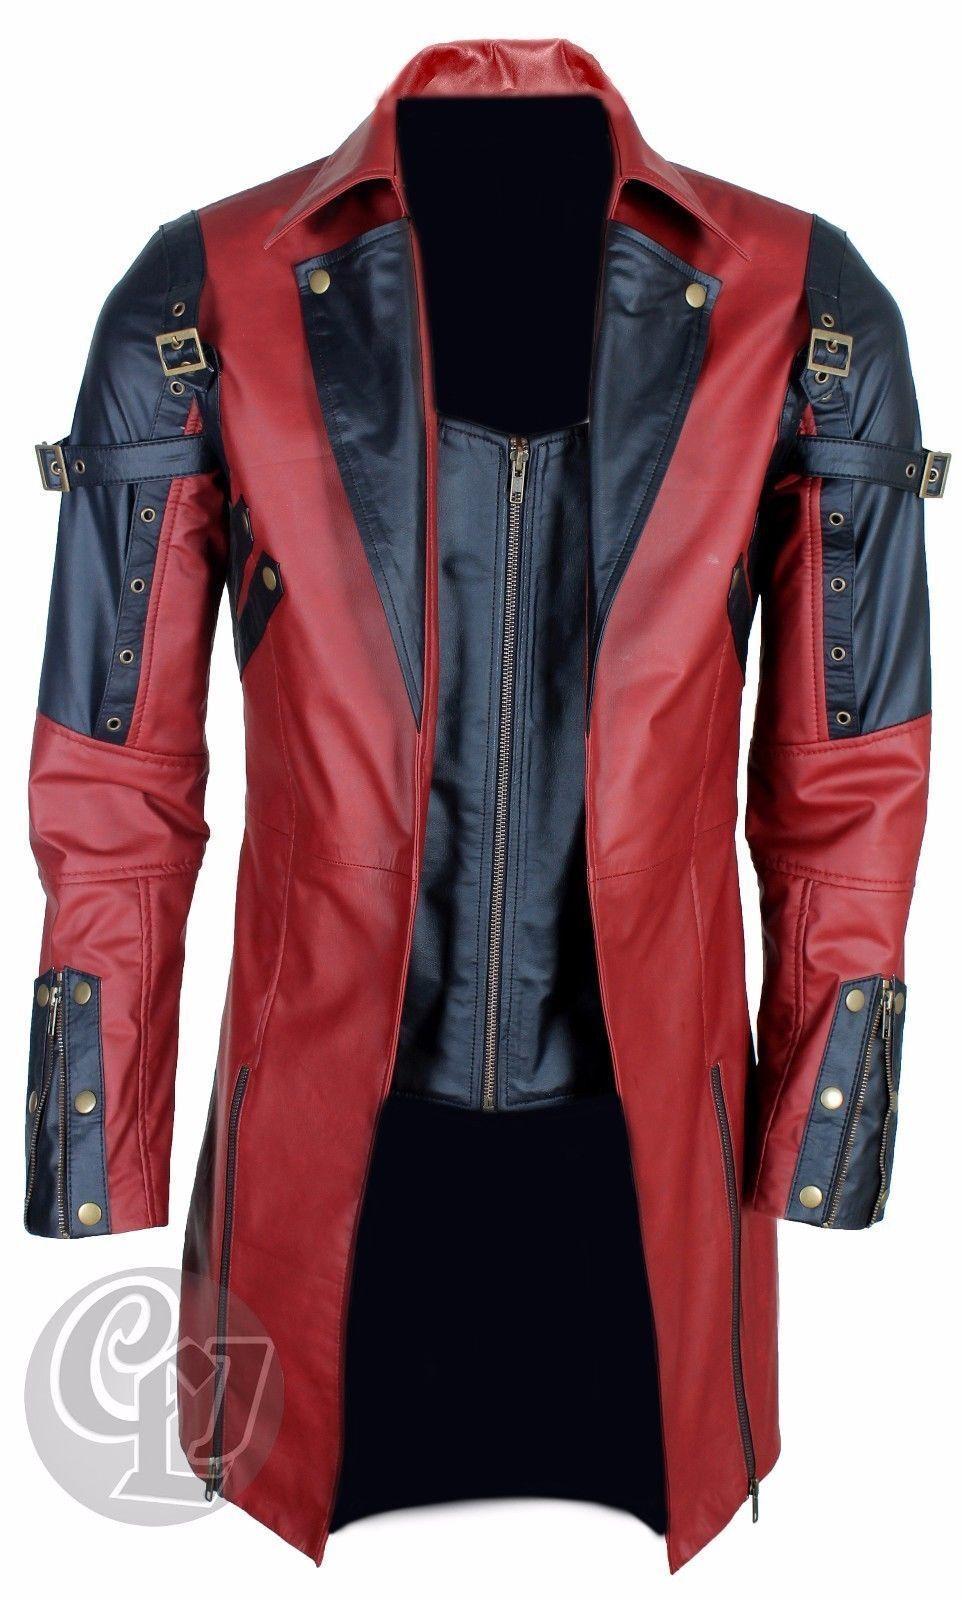 Herren Echtleder Gothic Matrix Trenchcoat Steampunk Schwarz Rot - XS - 3XL